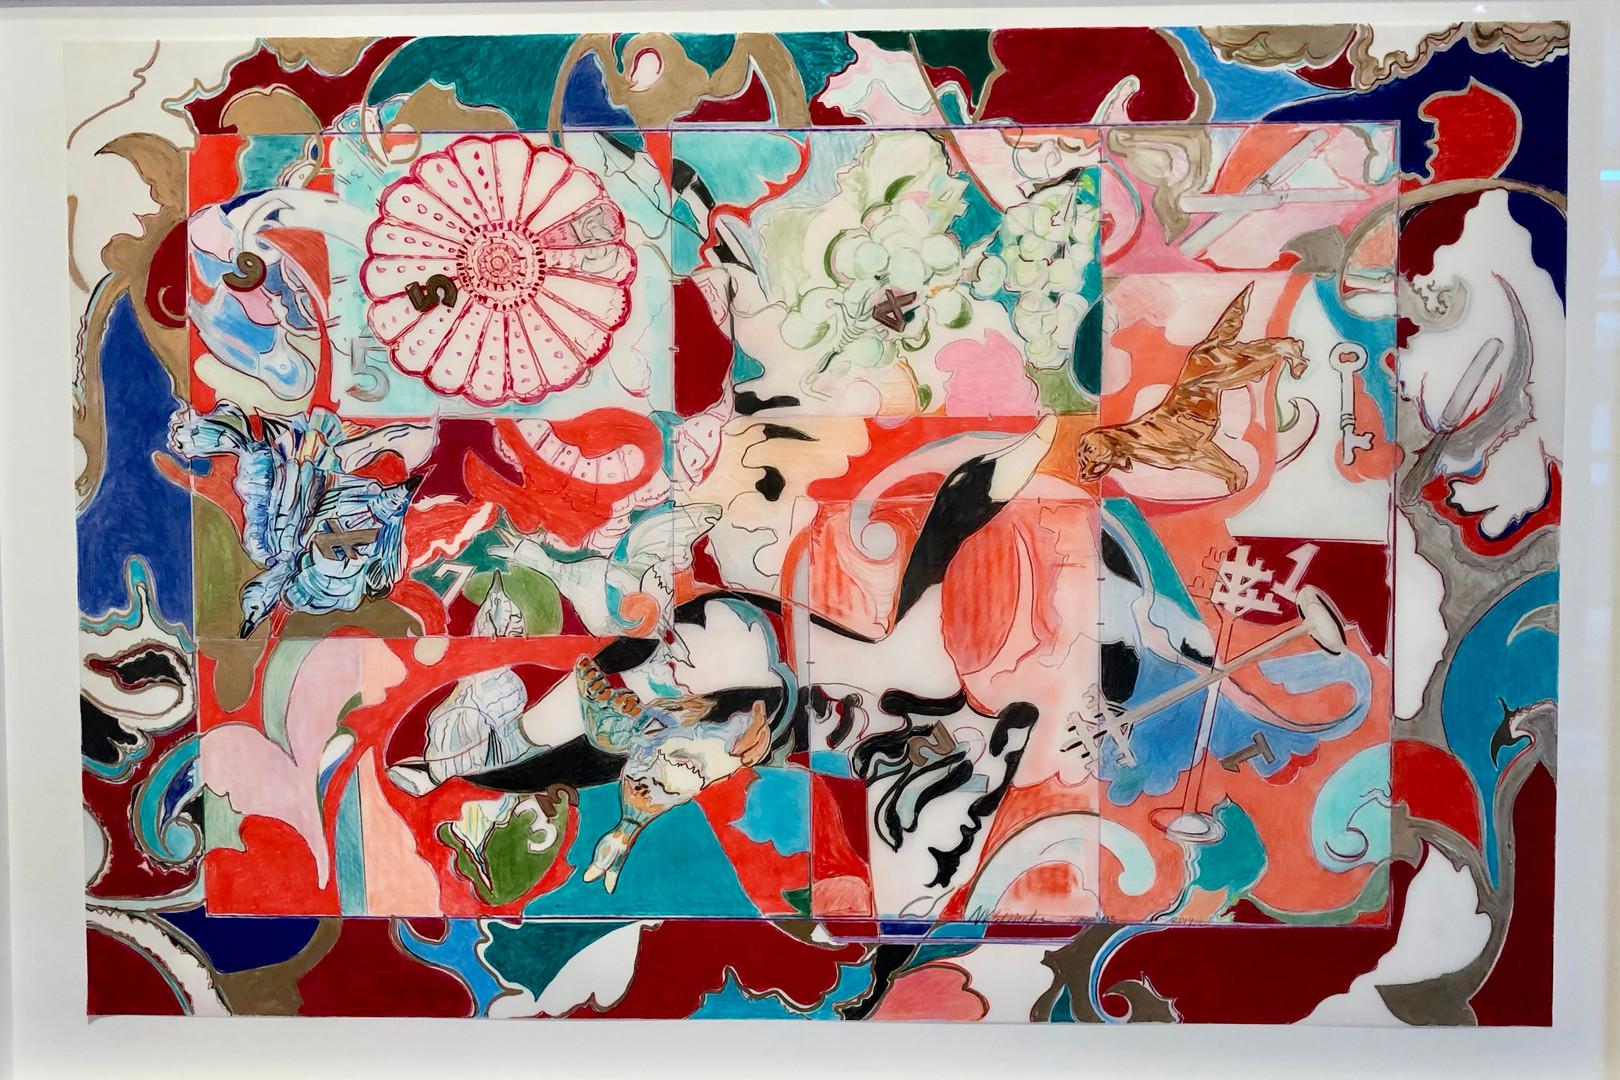 Nancy VanDevender, Seven Rooms, 2019